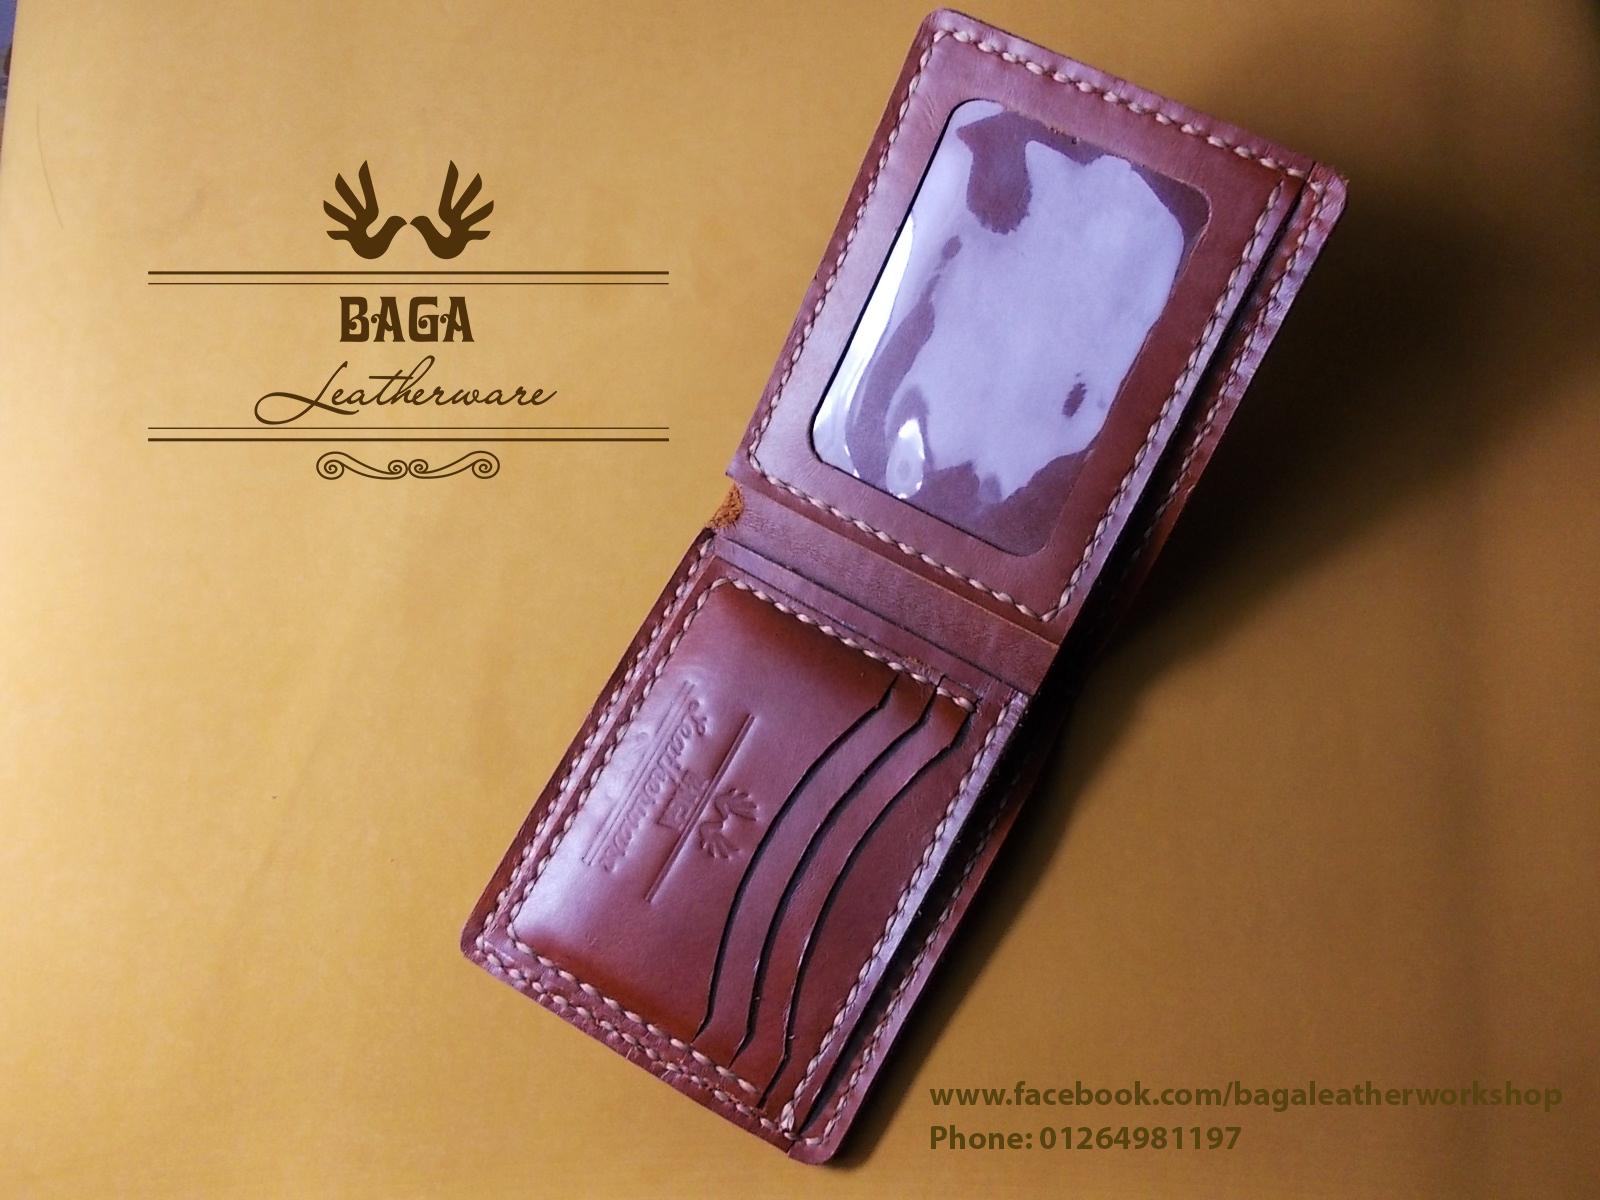 Baga leather workshop, (Man wallet)